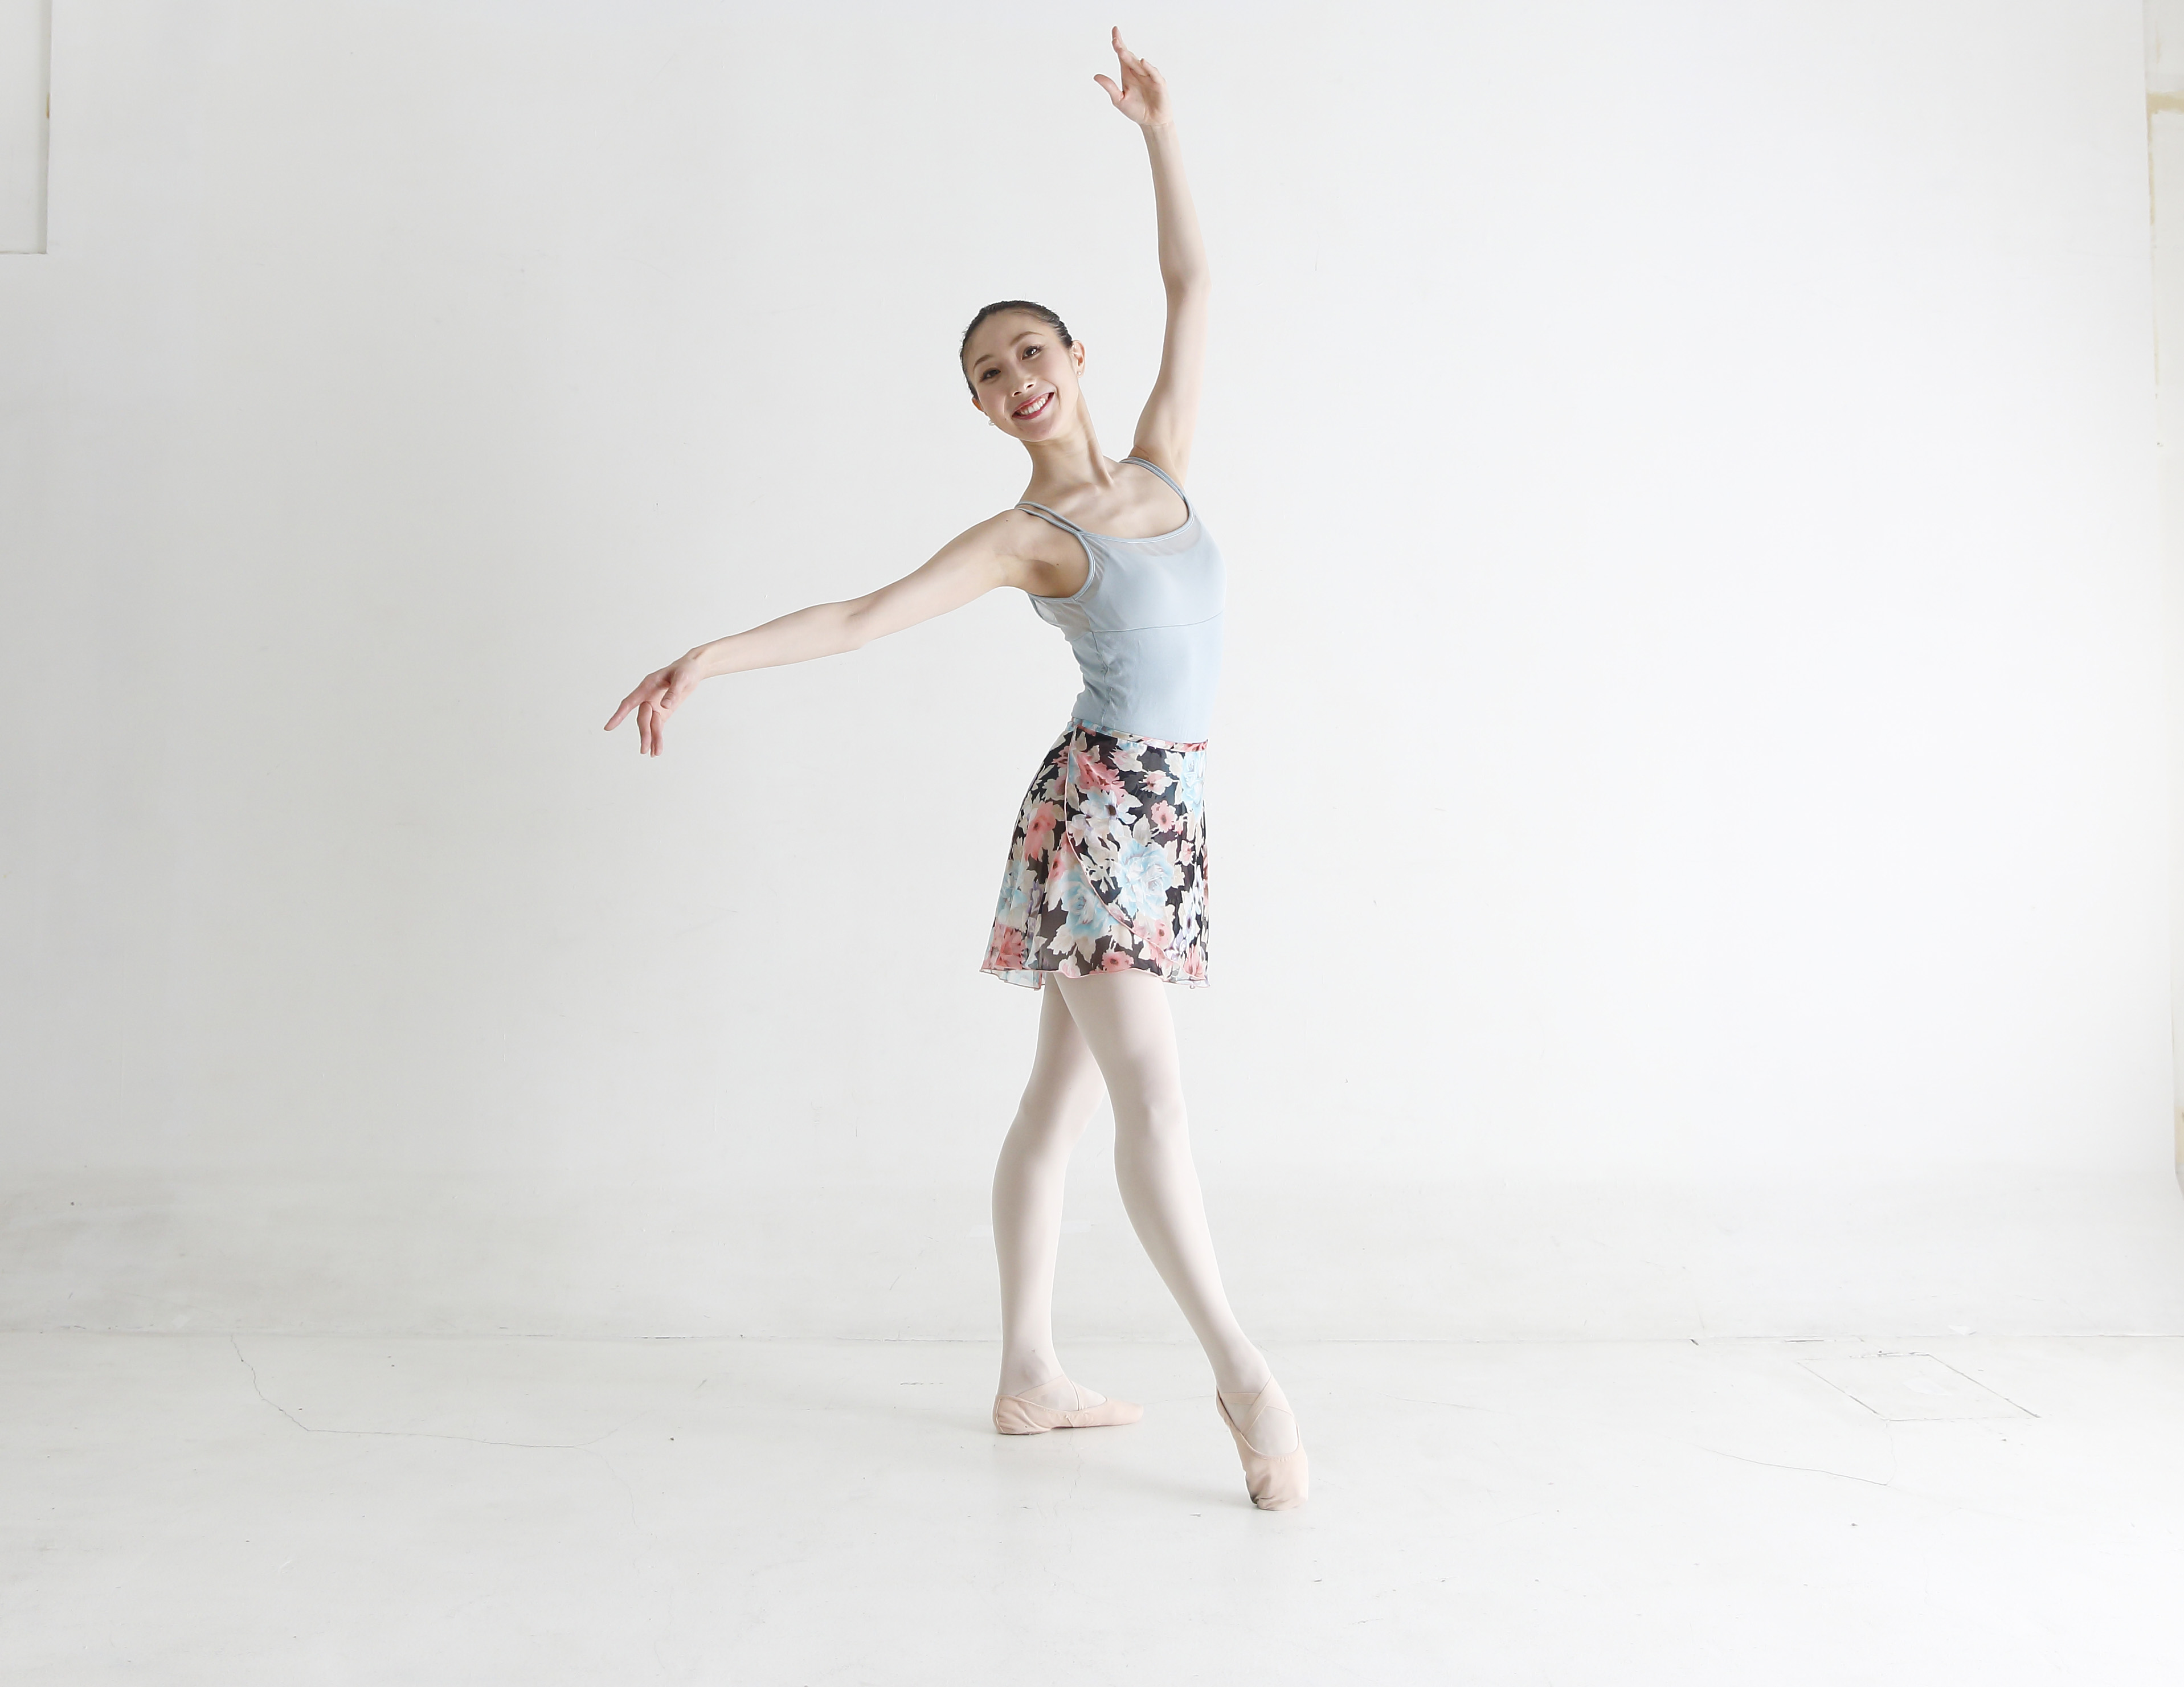 記事「9月18日(月・祝)・29日(金)バレエを始めたいあなたはチャンス!気軽に受けられる体験レッスン会が開催!」の画像